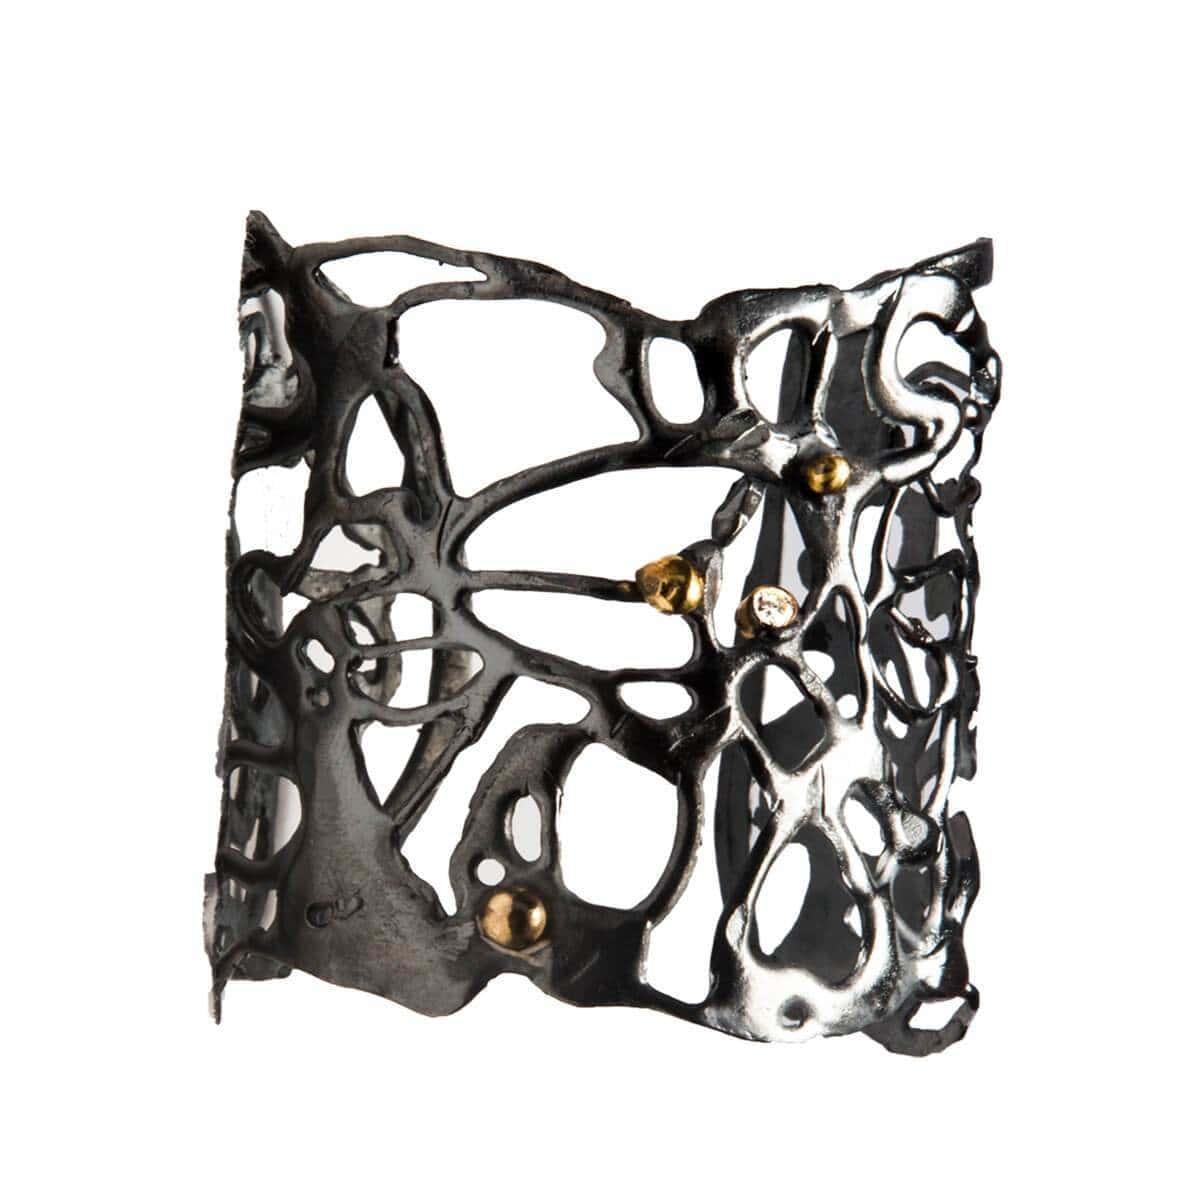 Oxidised Silver Botswana Fluidity Cuff Bracelet